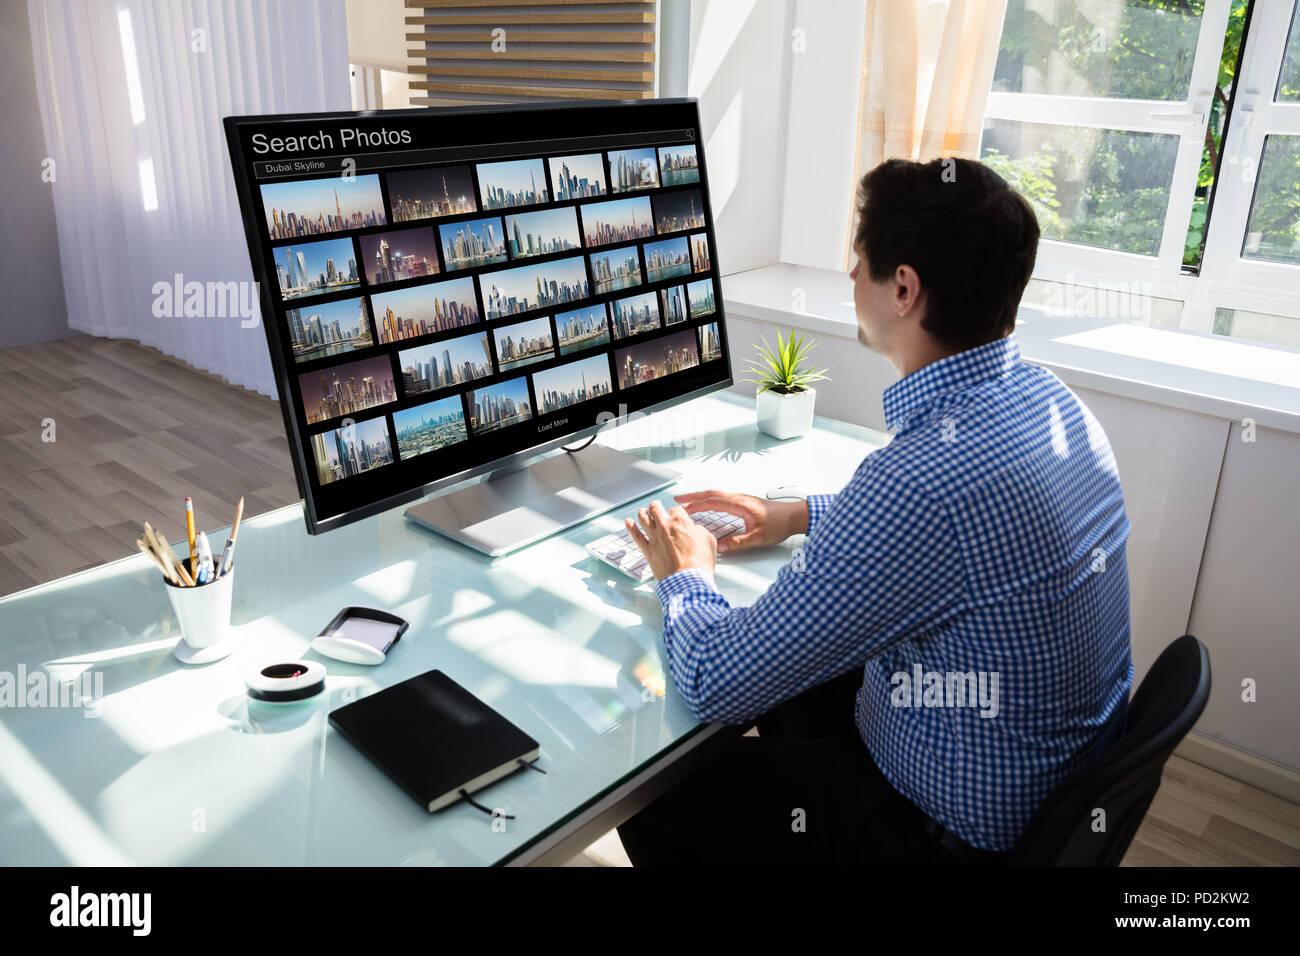 Jeune homme recherche éditeur de photos sur computer in office Photo Stock